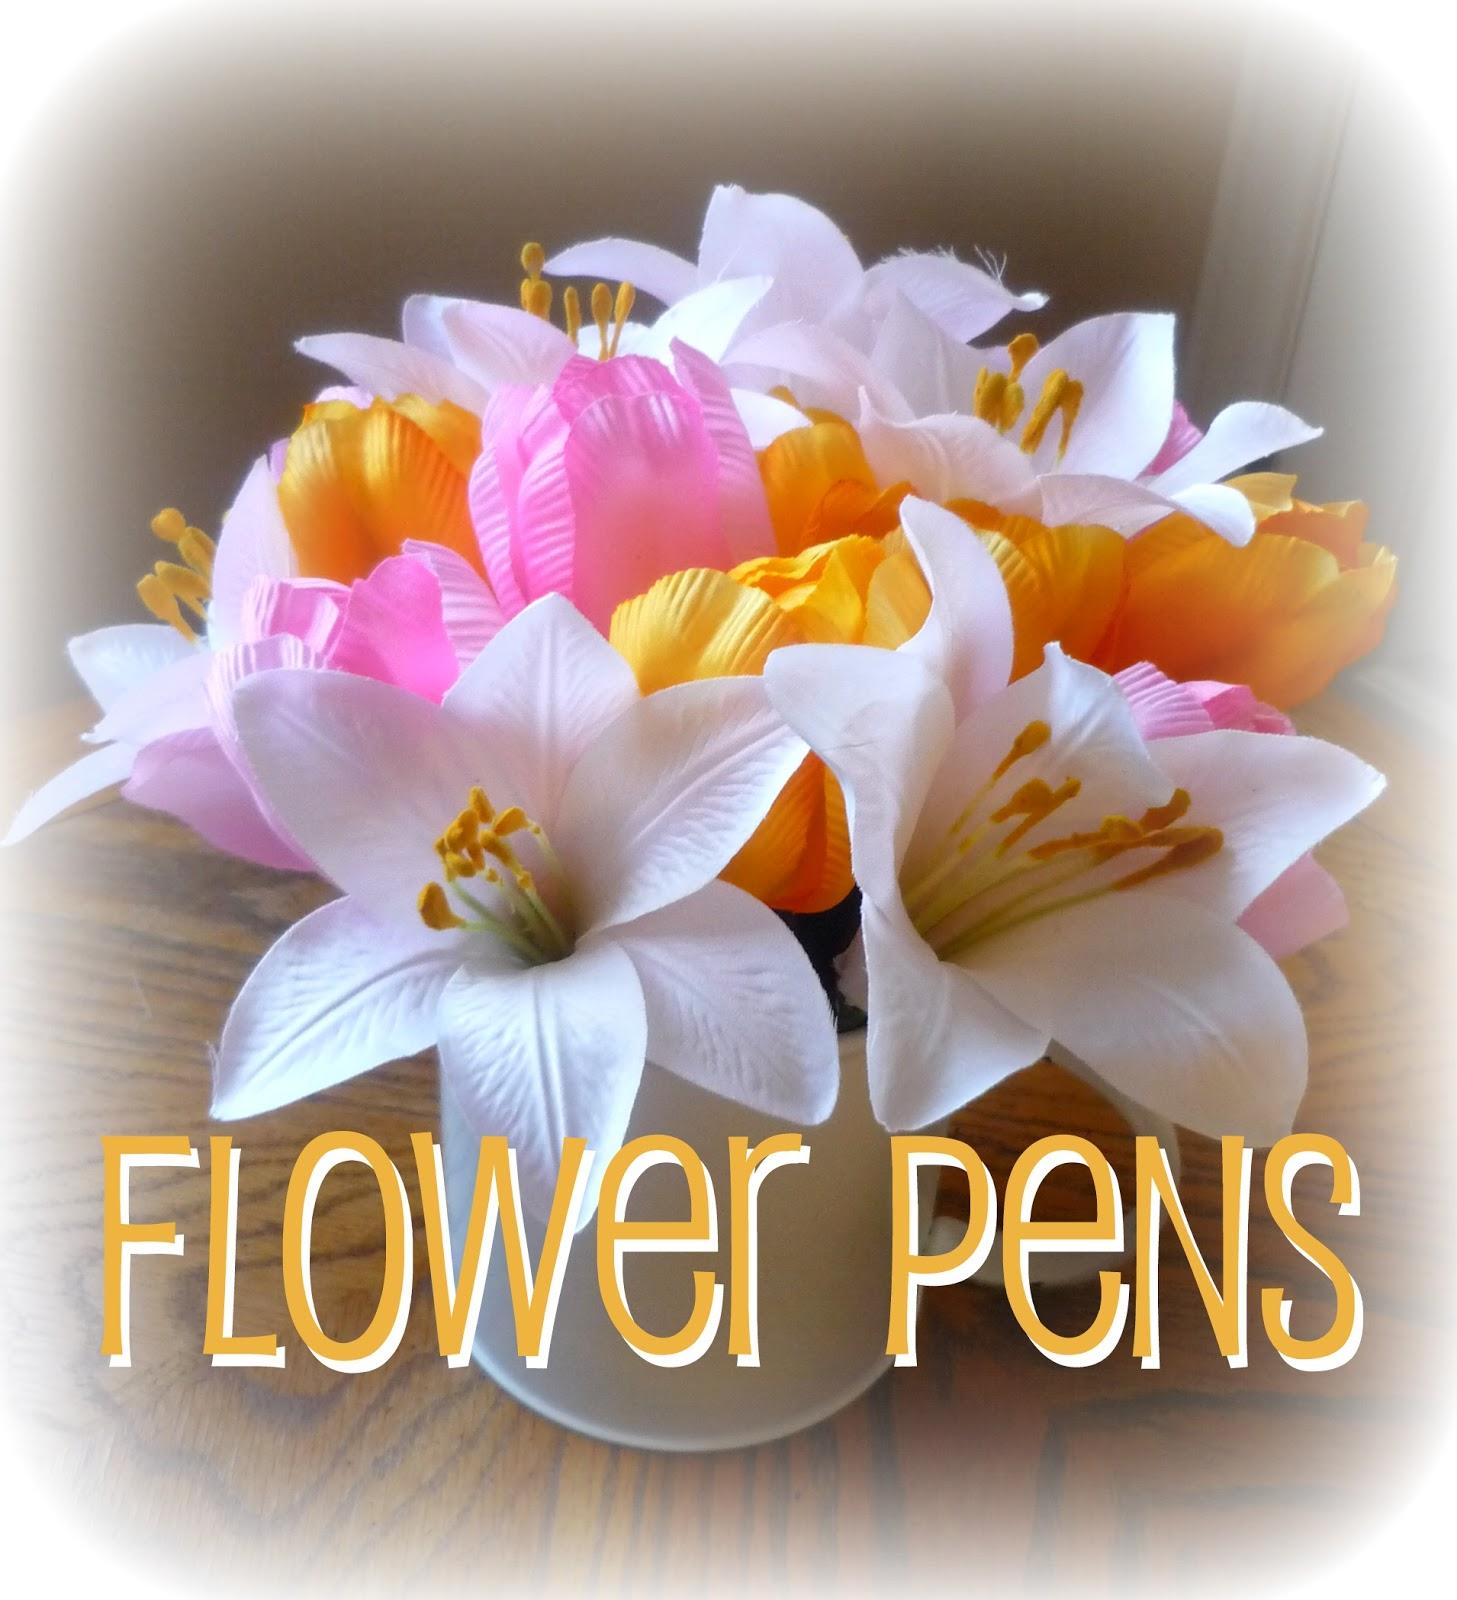 snips spice flower pens